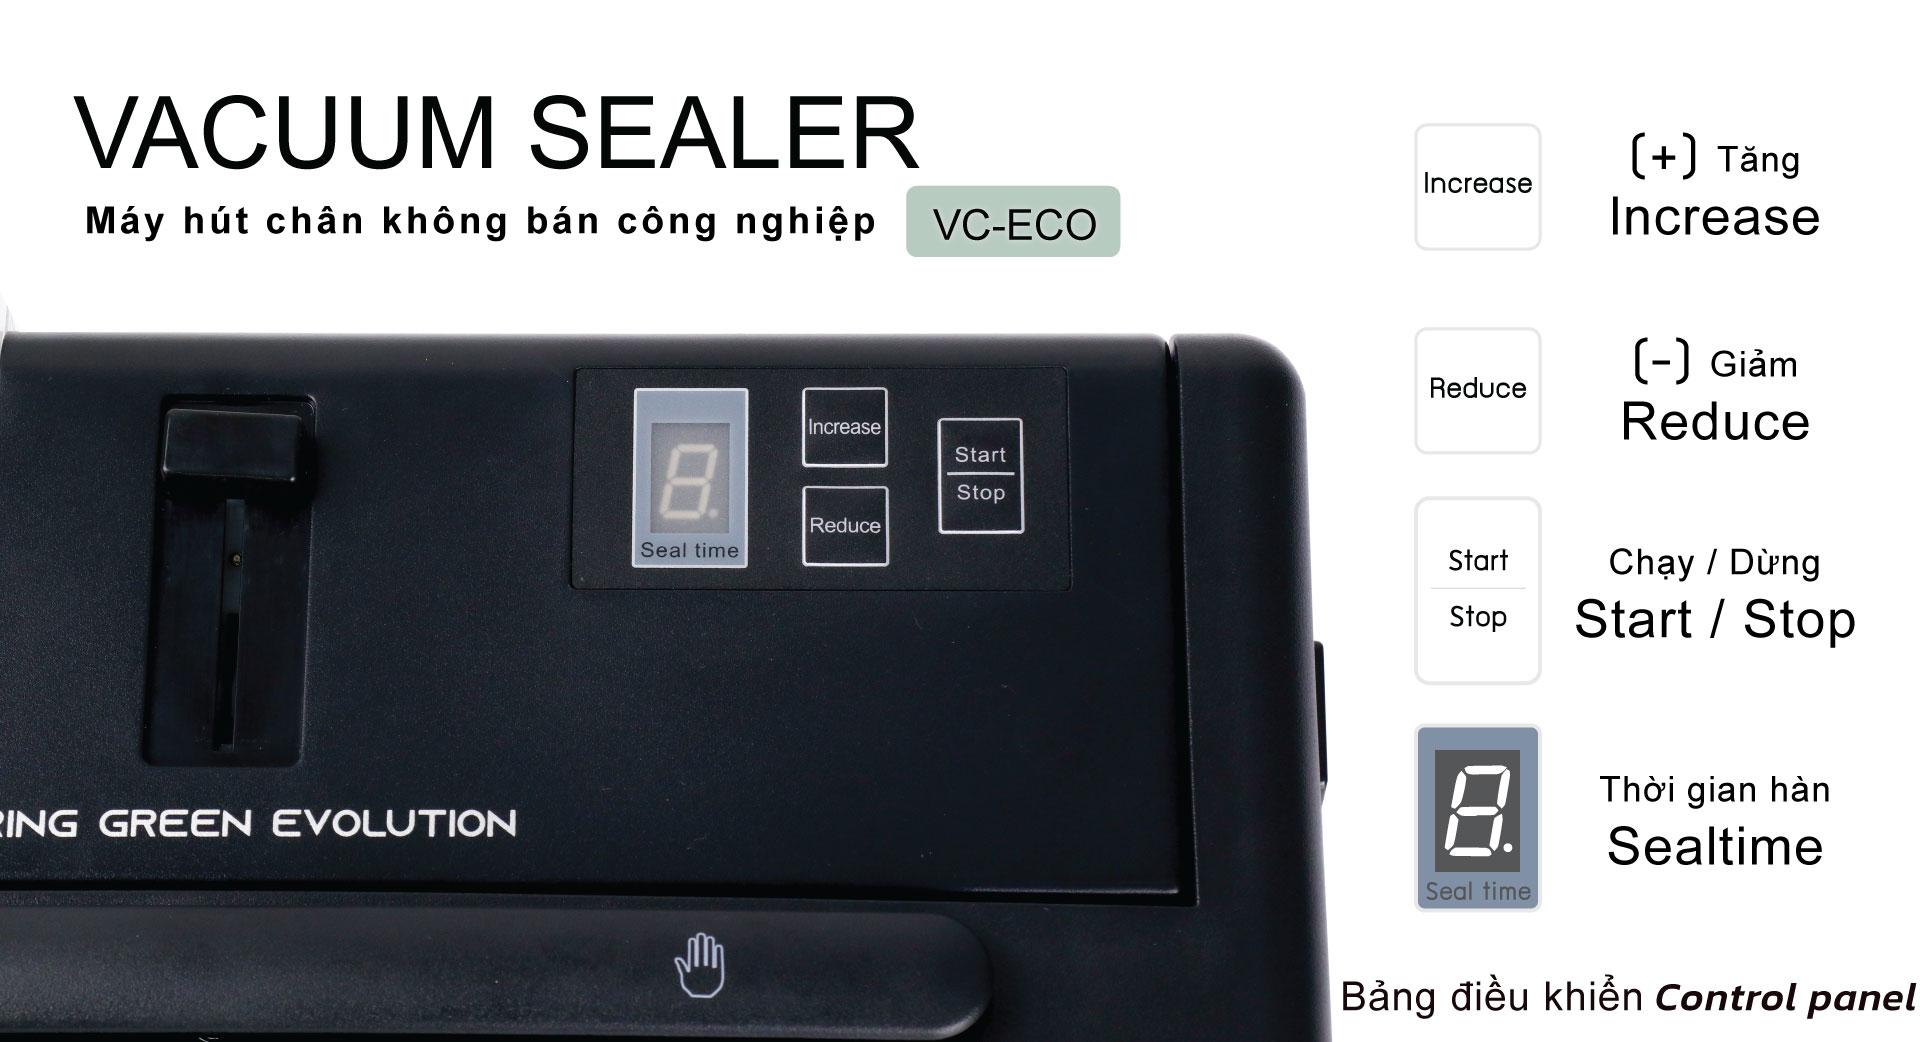 Mua máy hút chân không VC-ECO - Bảng điều khiển